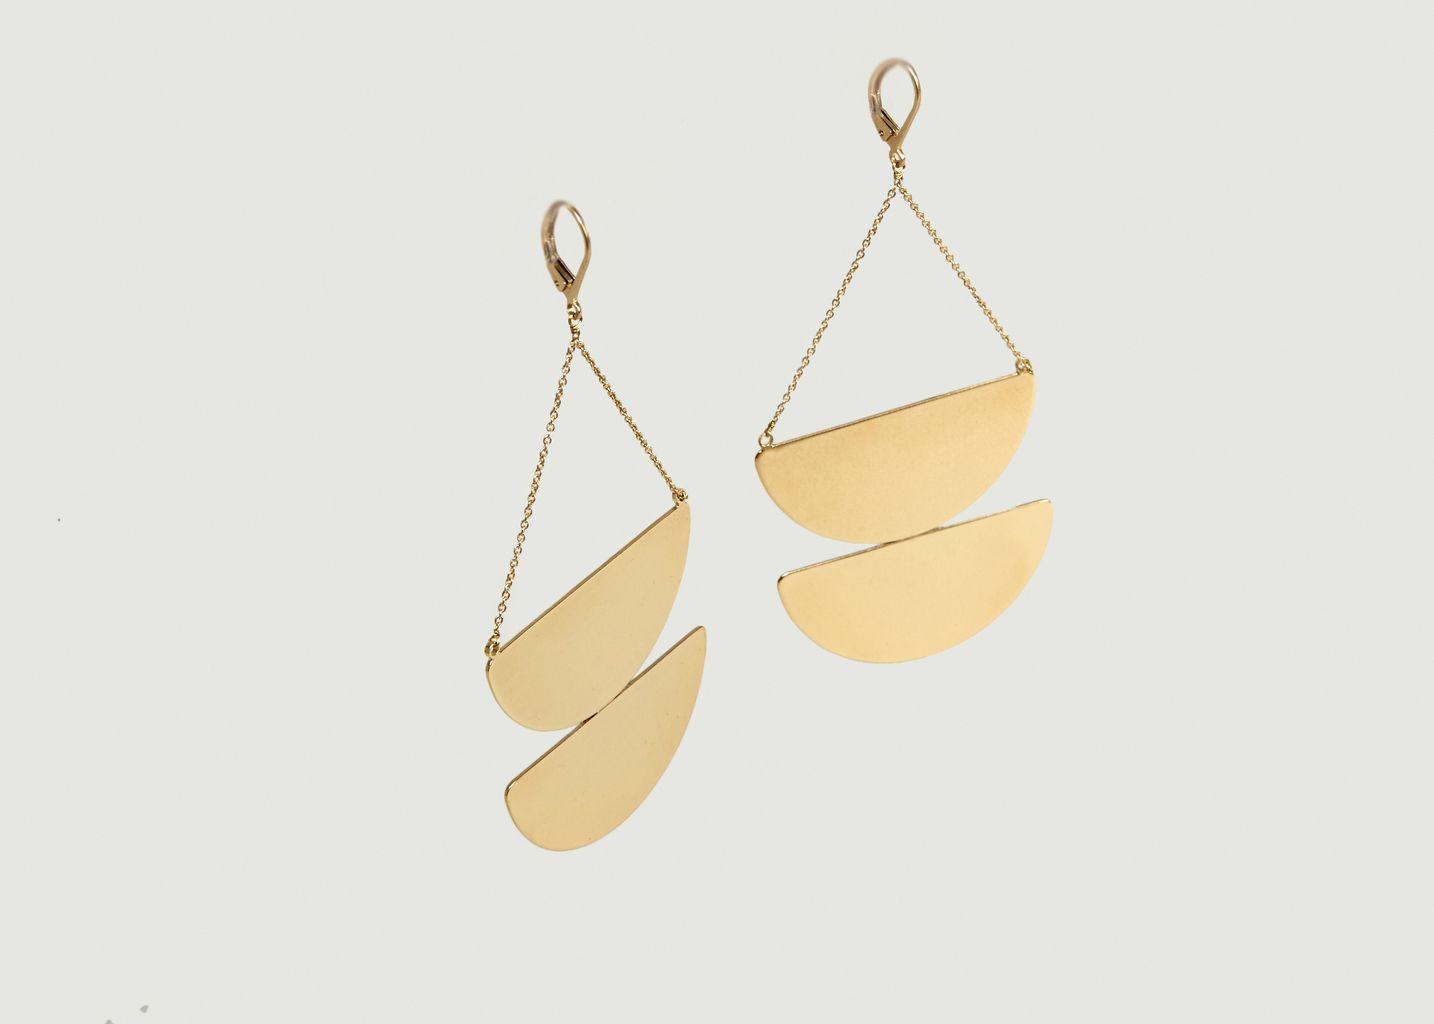 Geometric Earrings - Polder